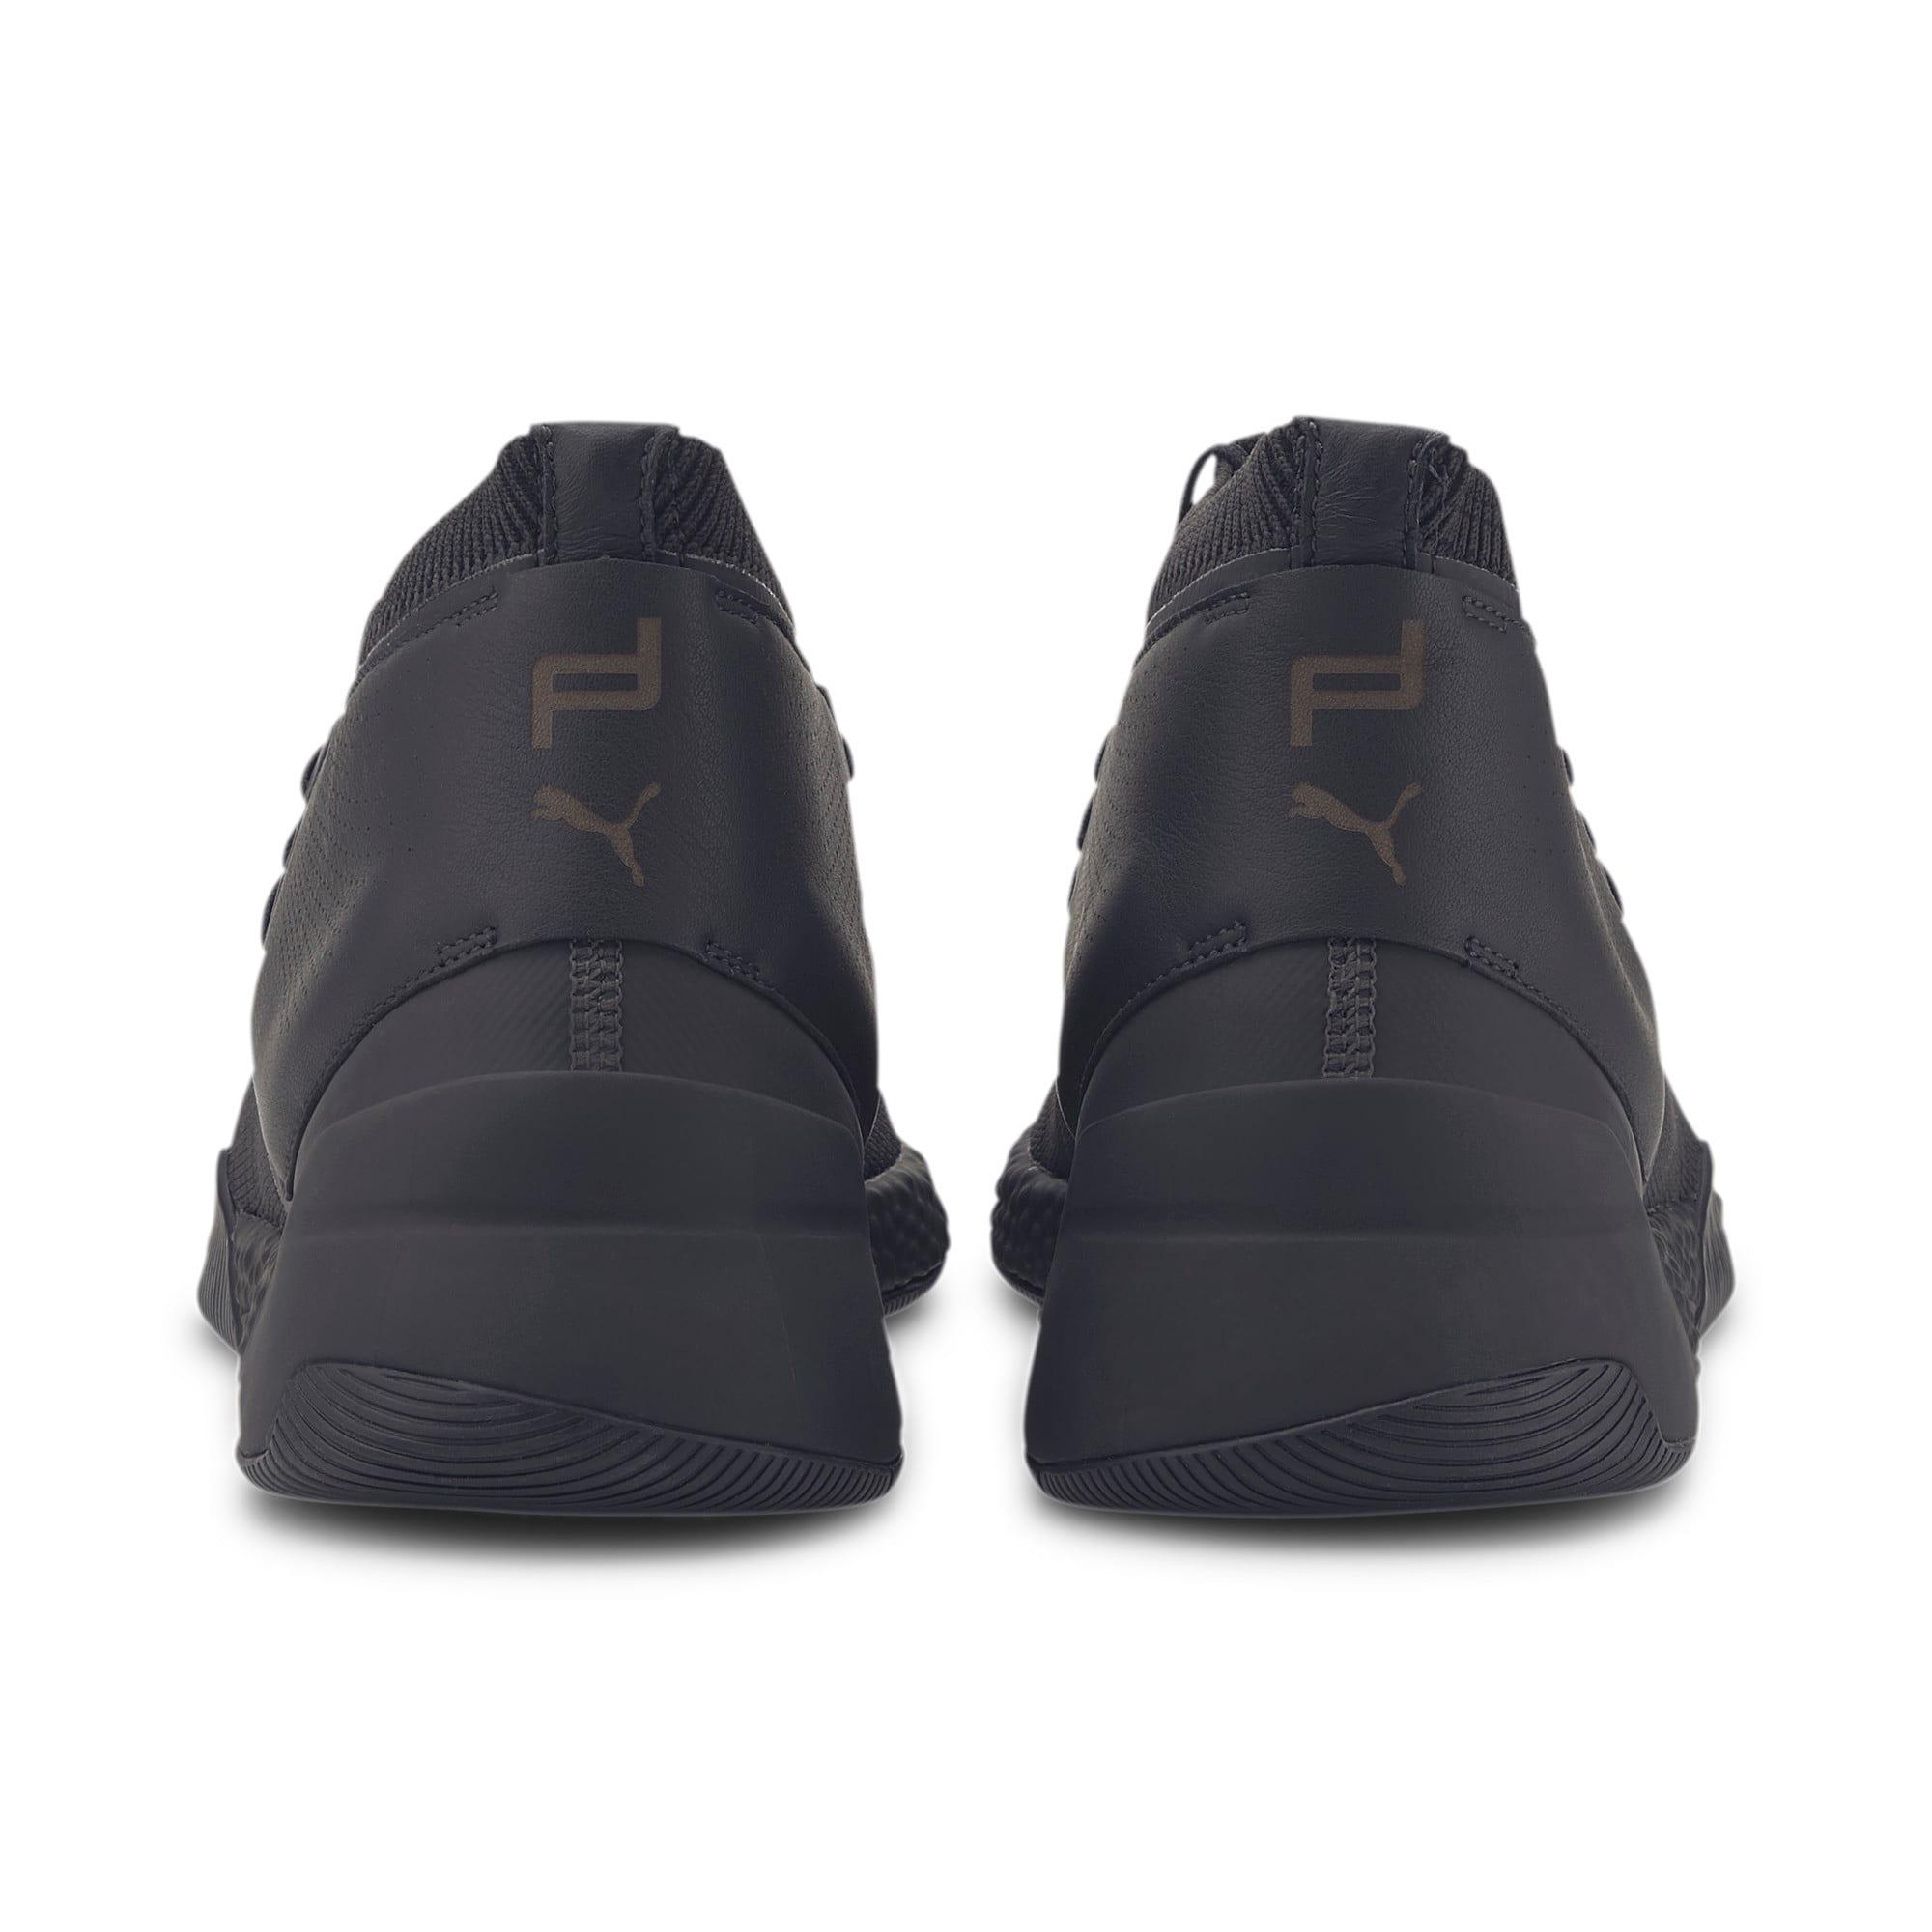 Thumbnail 4 of Porsche Design HYBRID evoKNIT Men's Running Shoes, Jet Black-Jet Black-JetBlack, medium